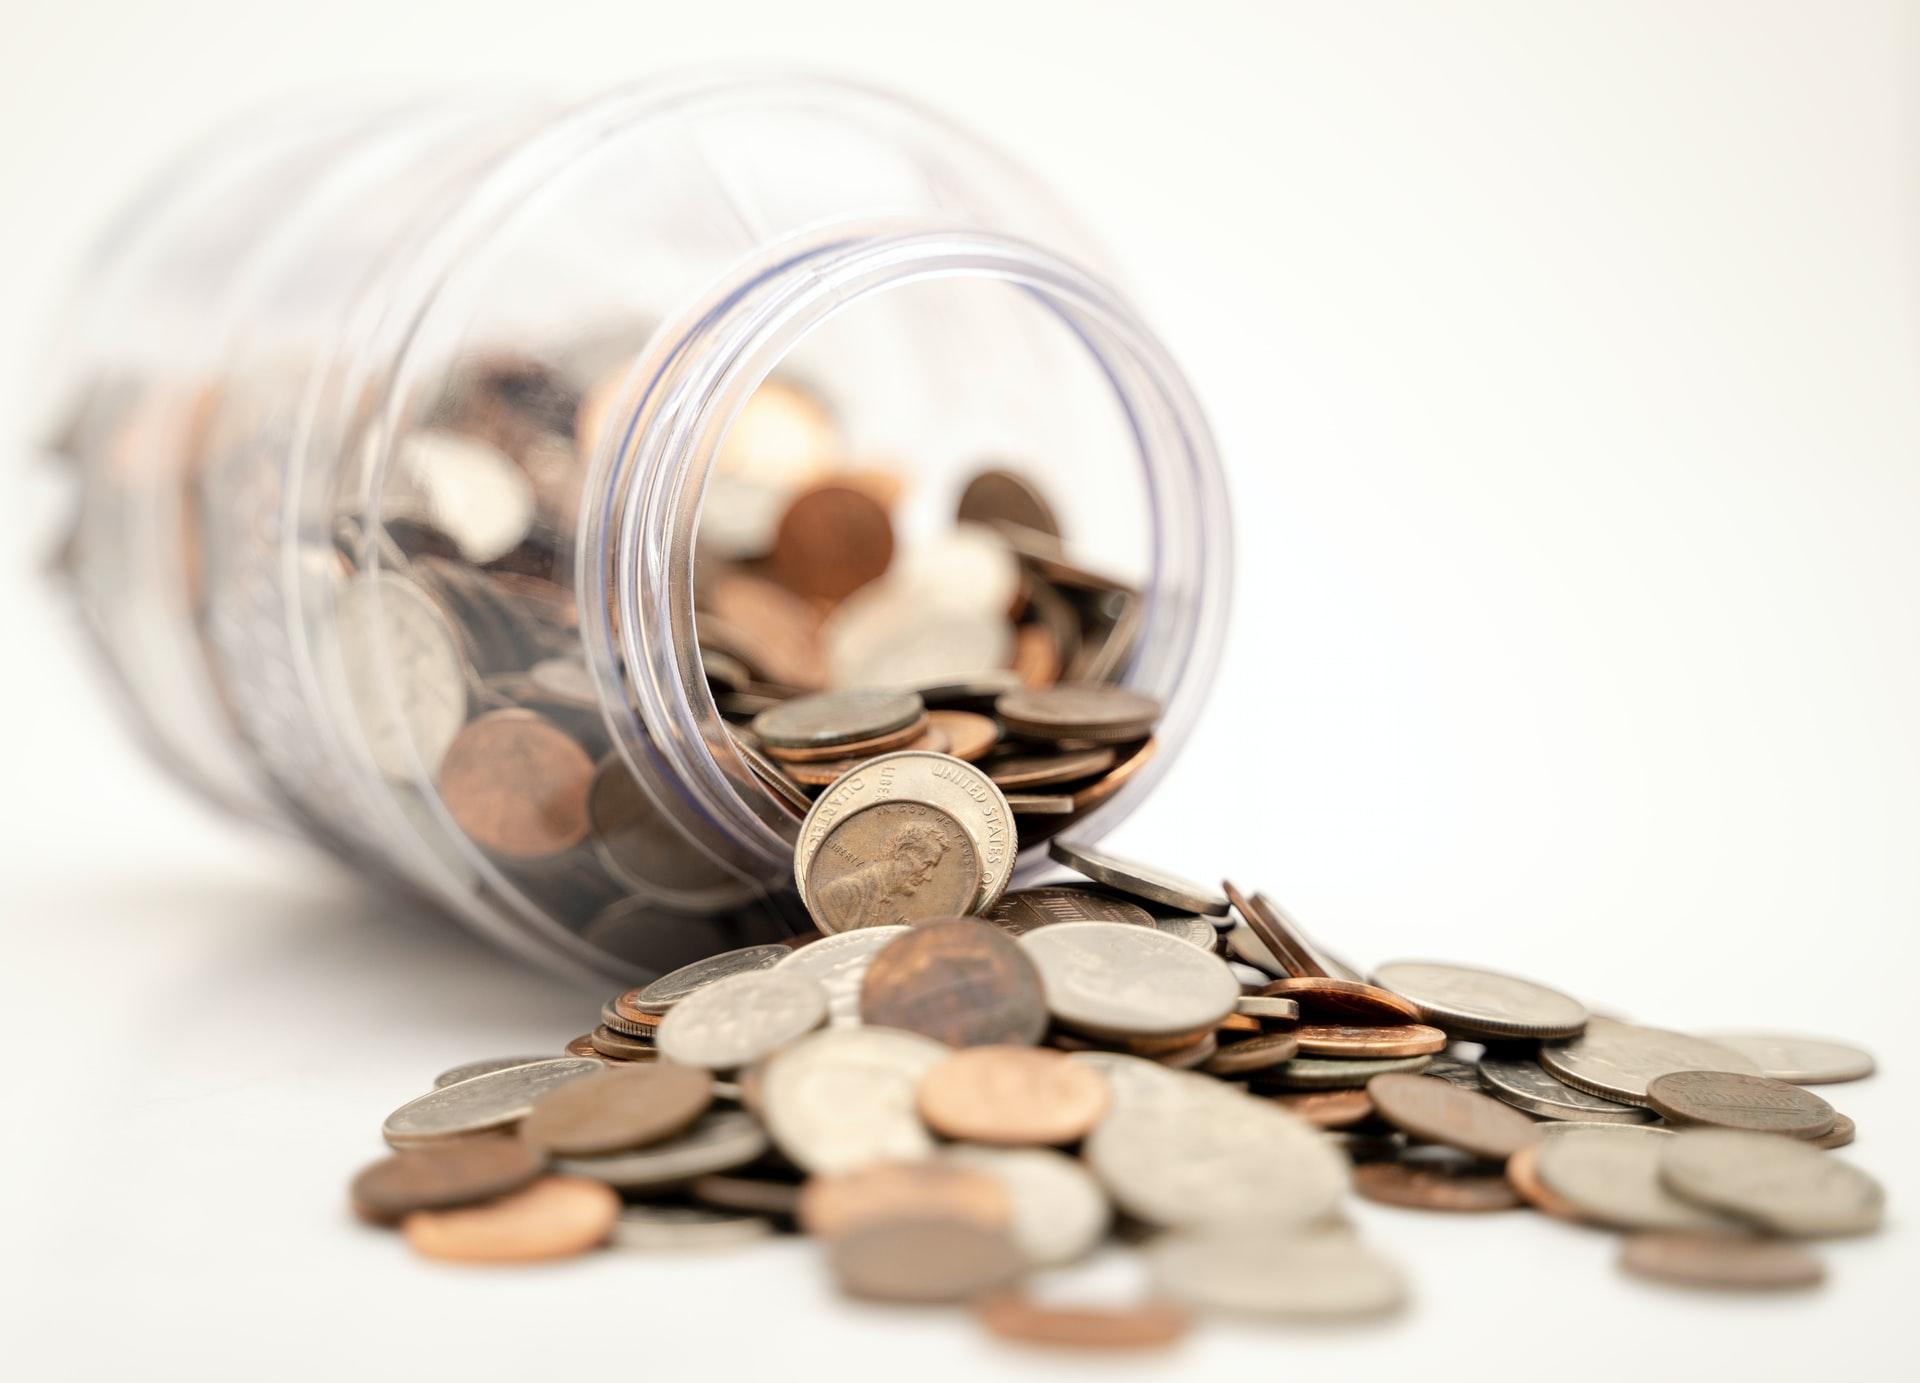 Jak zacząć zarabiać więcej?